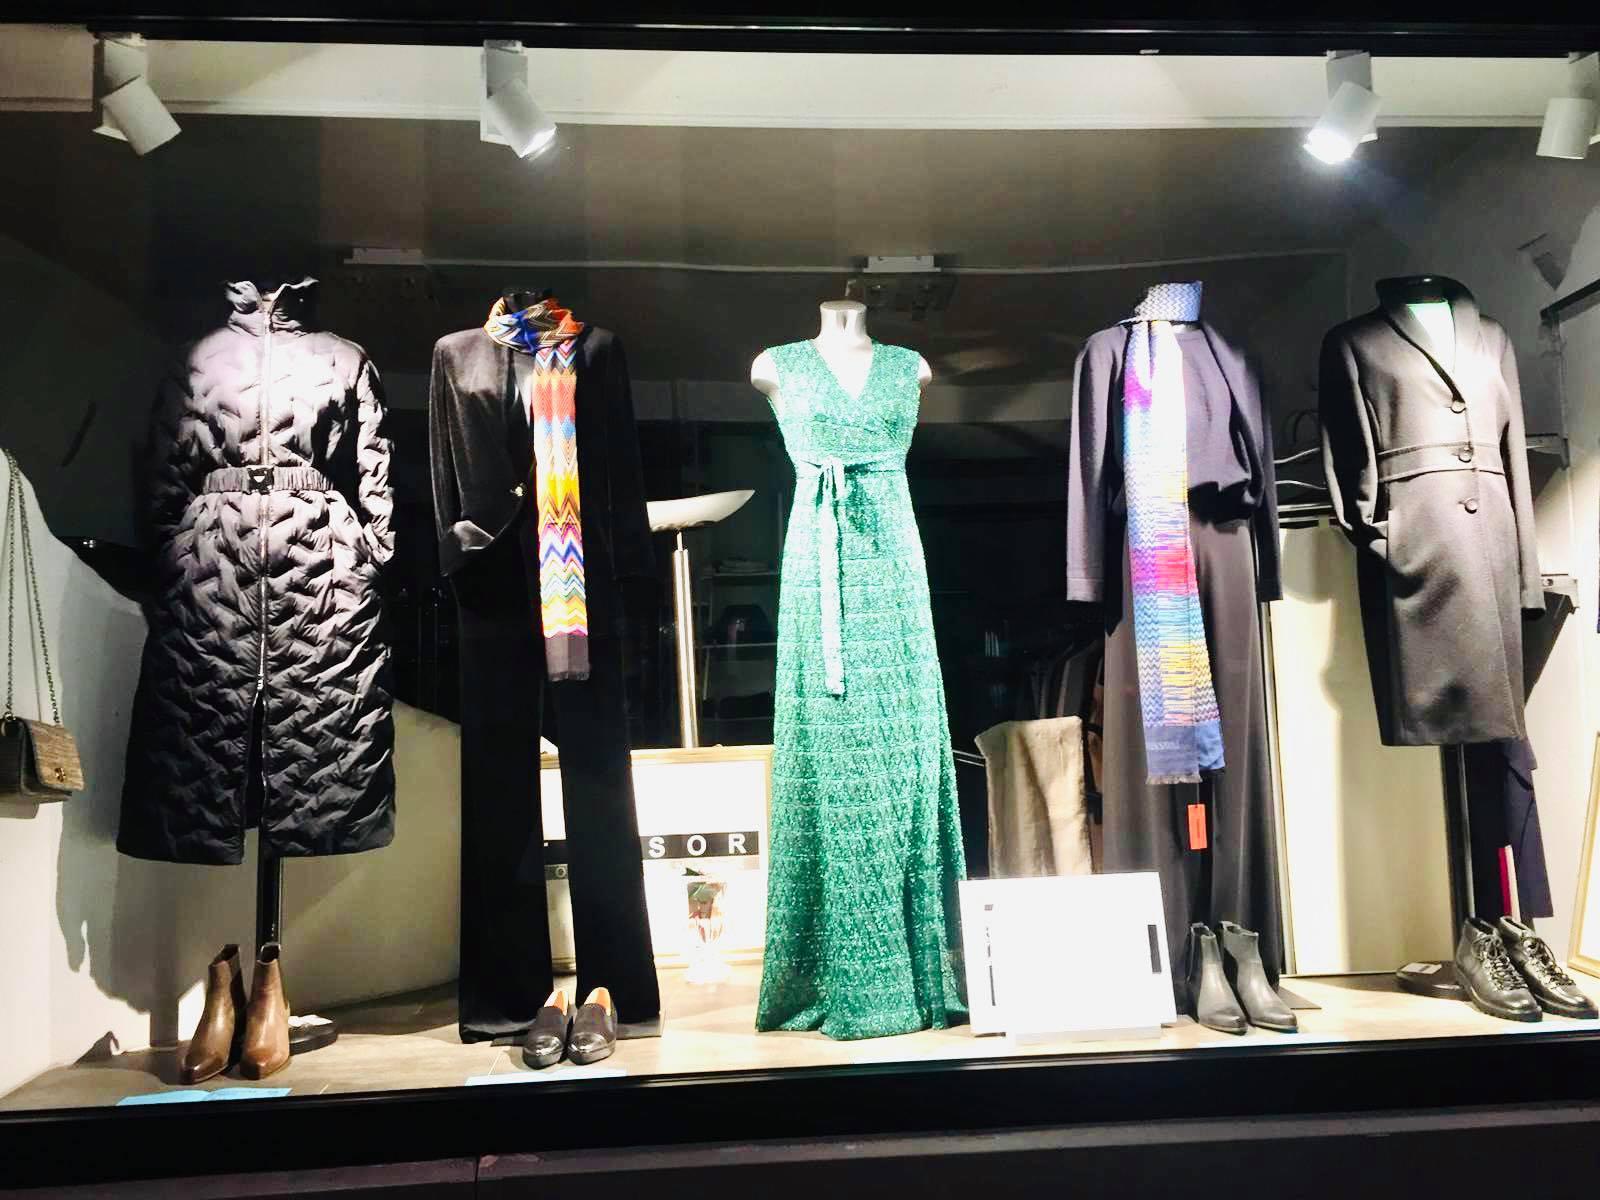 Bekleidungsgeschäft Heidelberg. Fashion Store Heidelberg. Kleidung Heidelberg. Clothing Store Heidel